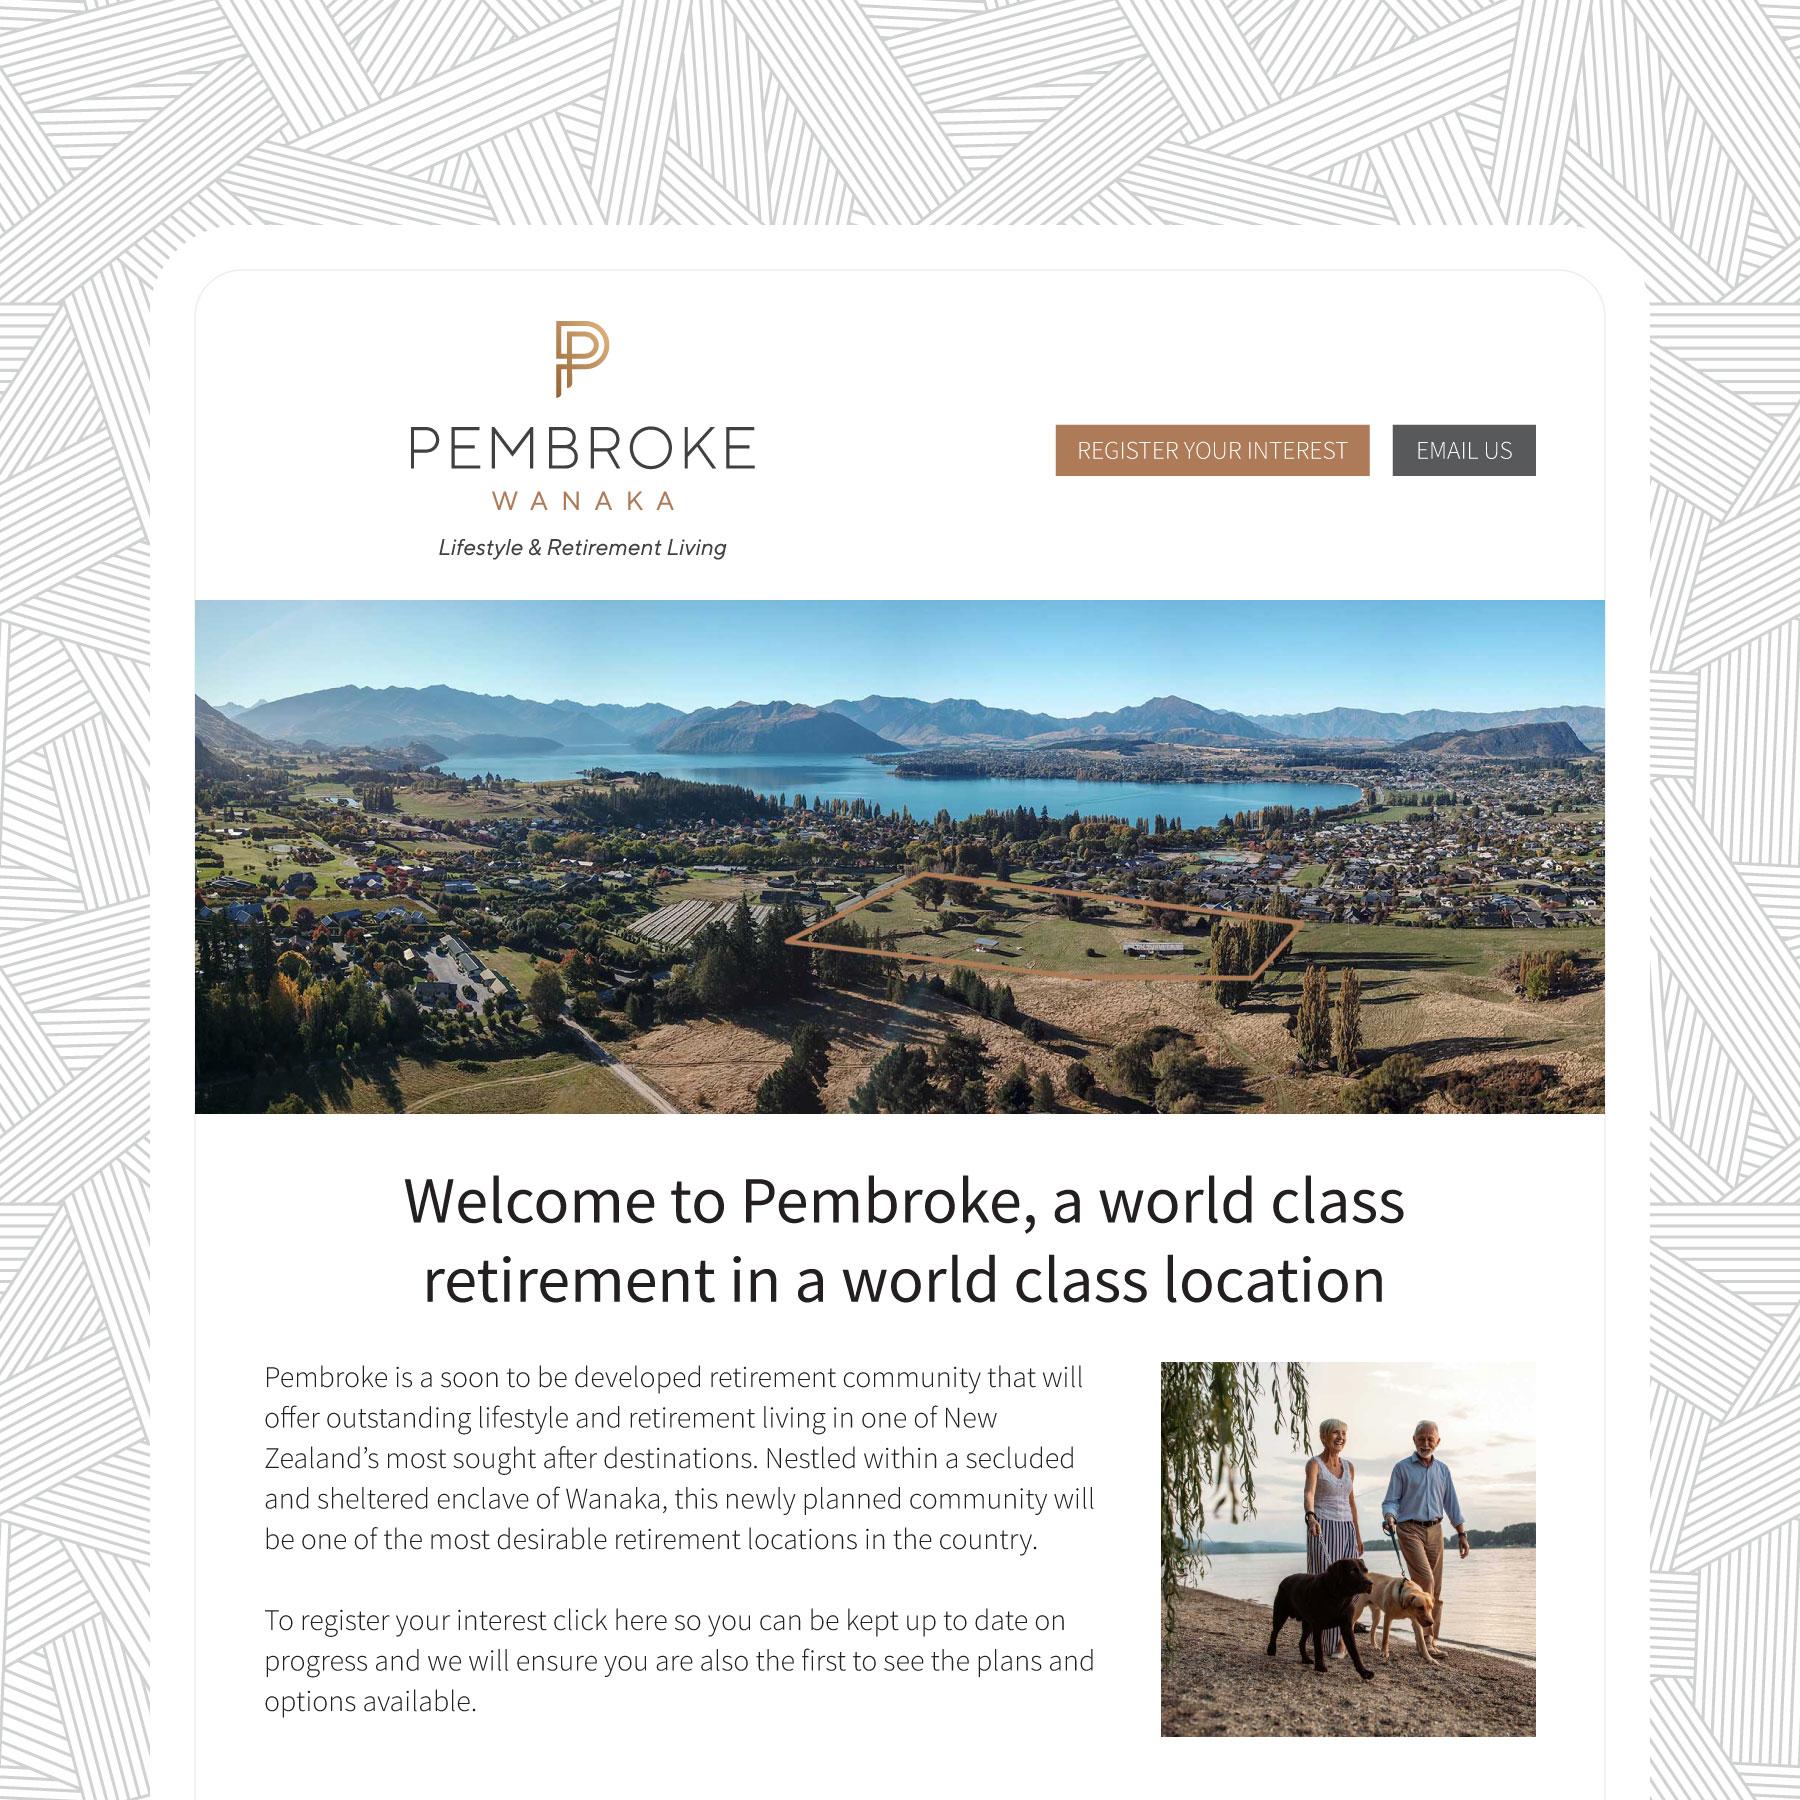 Pembroke Website